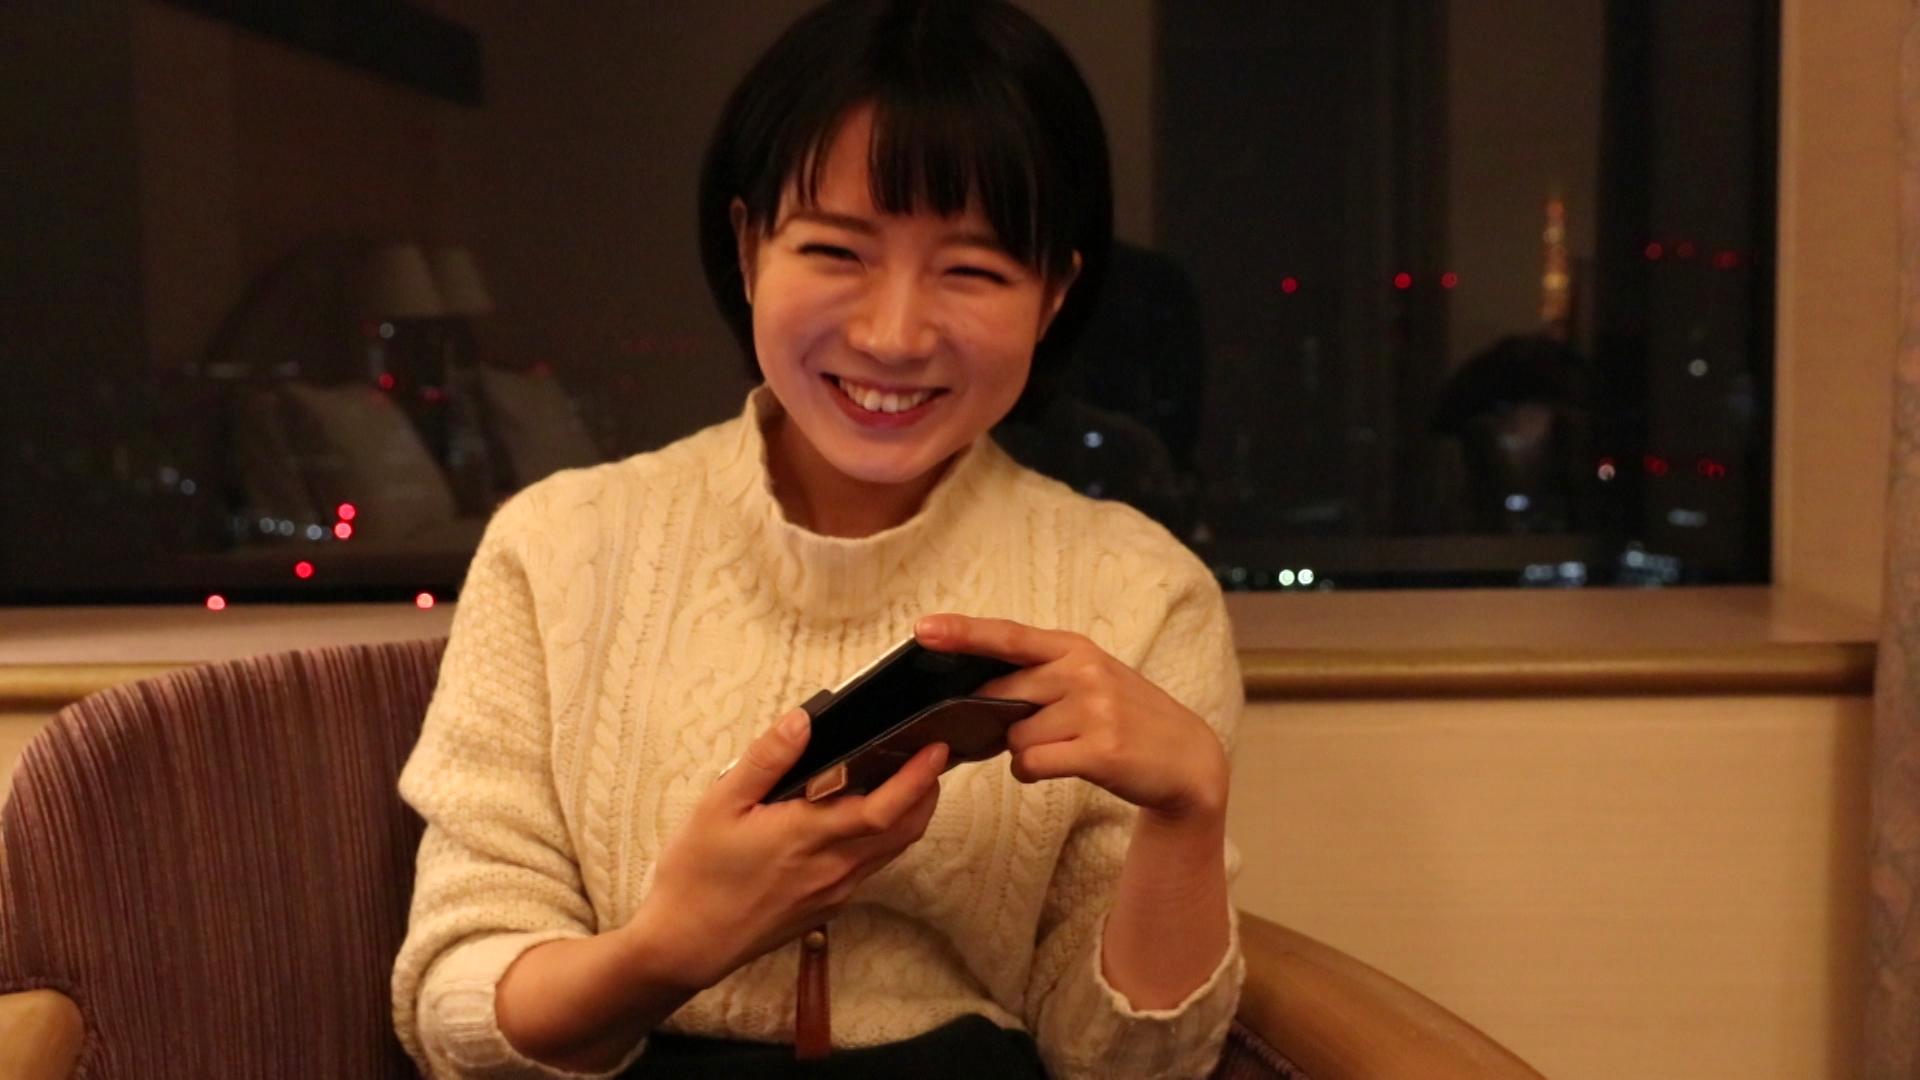 通りすがりのAV女優 美咲ヒカル